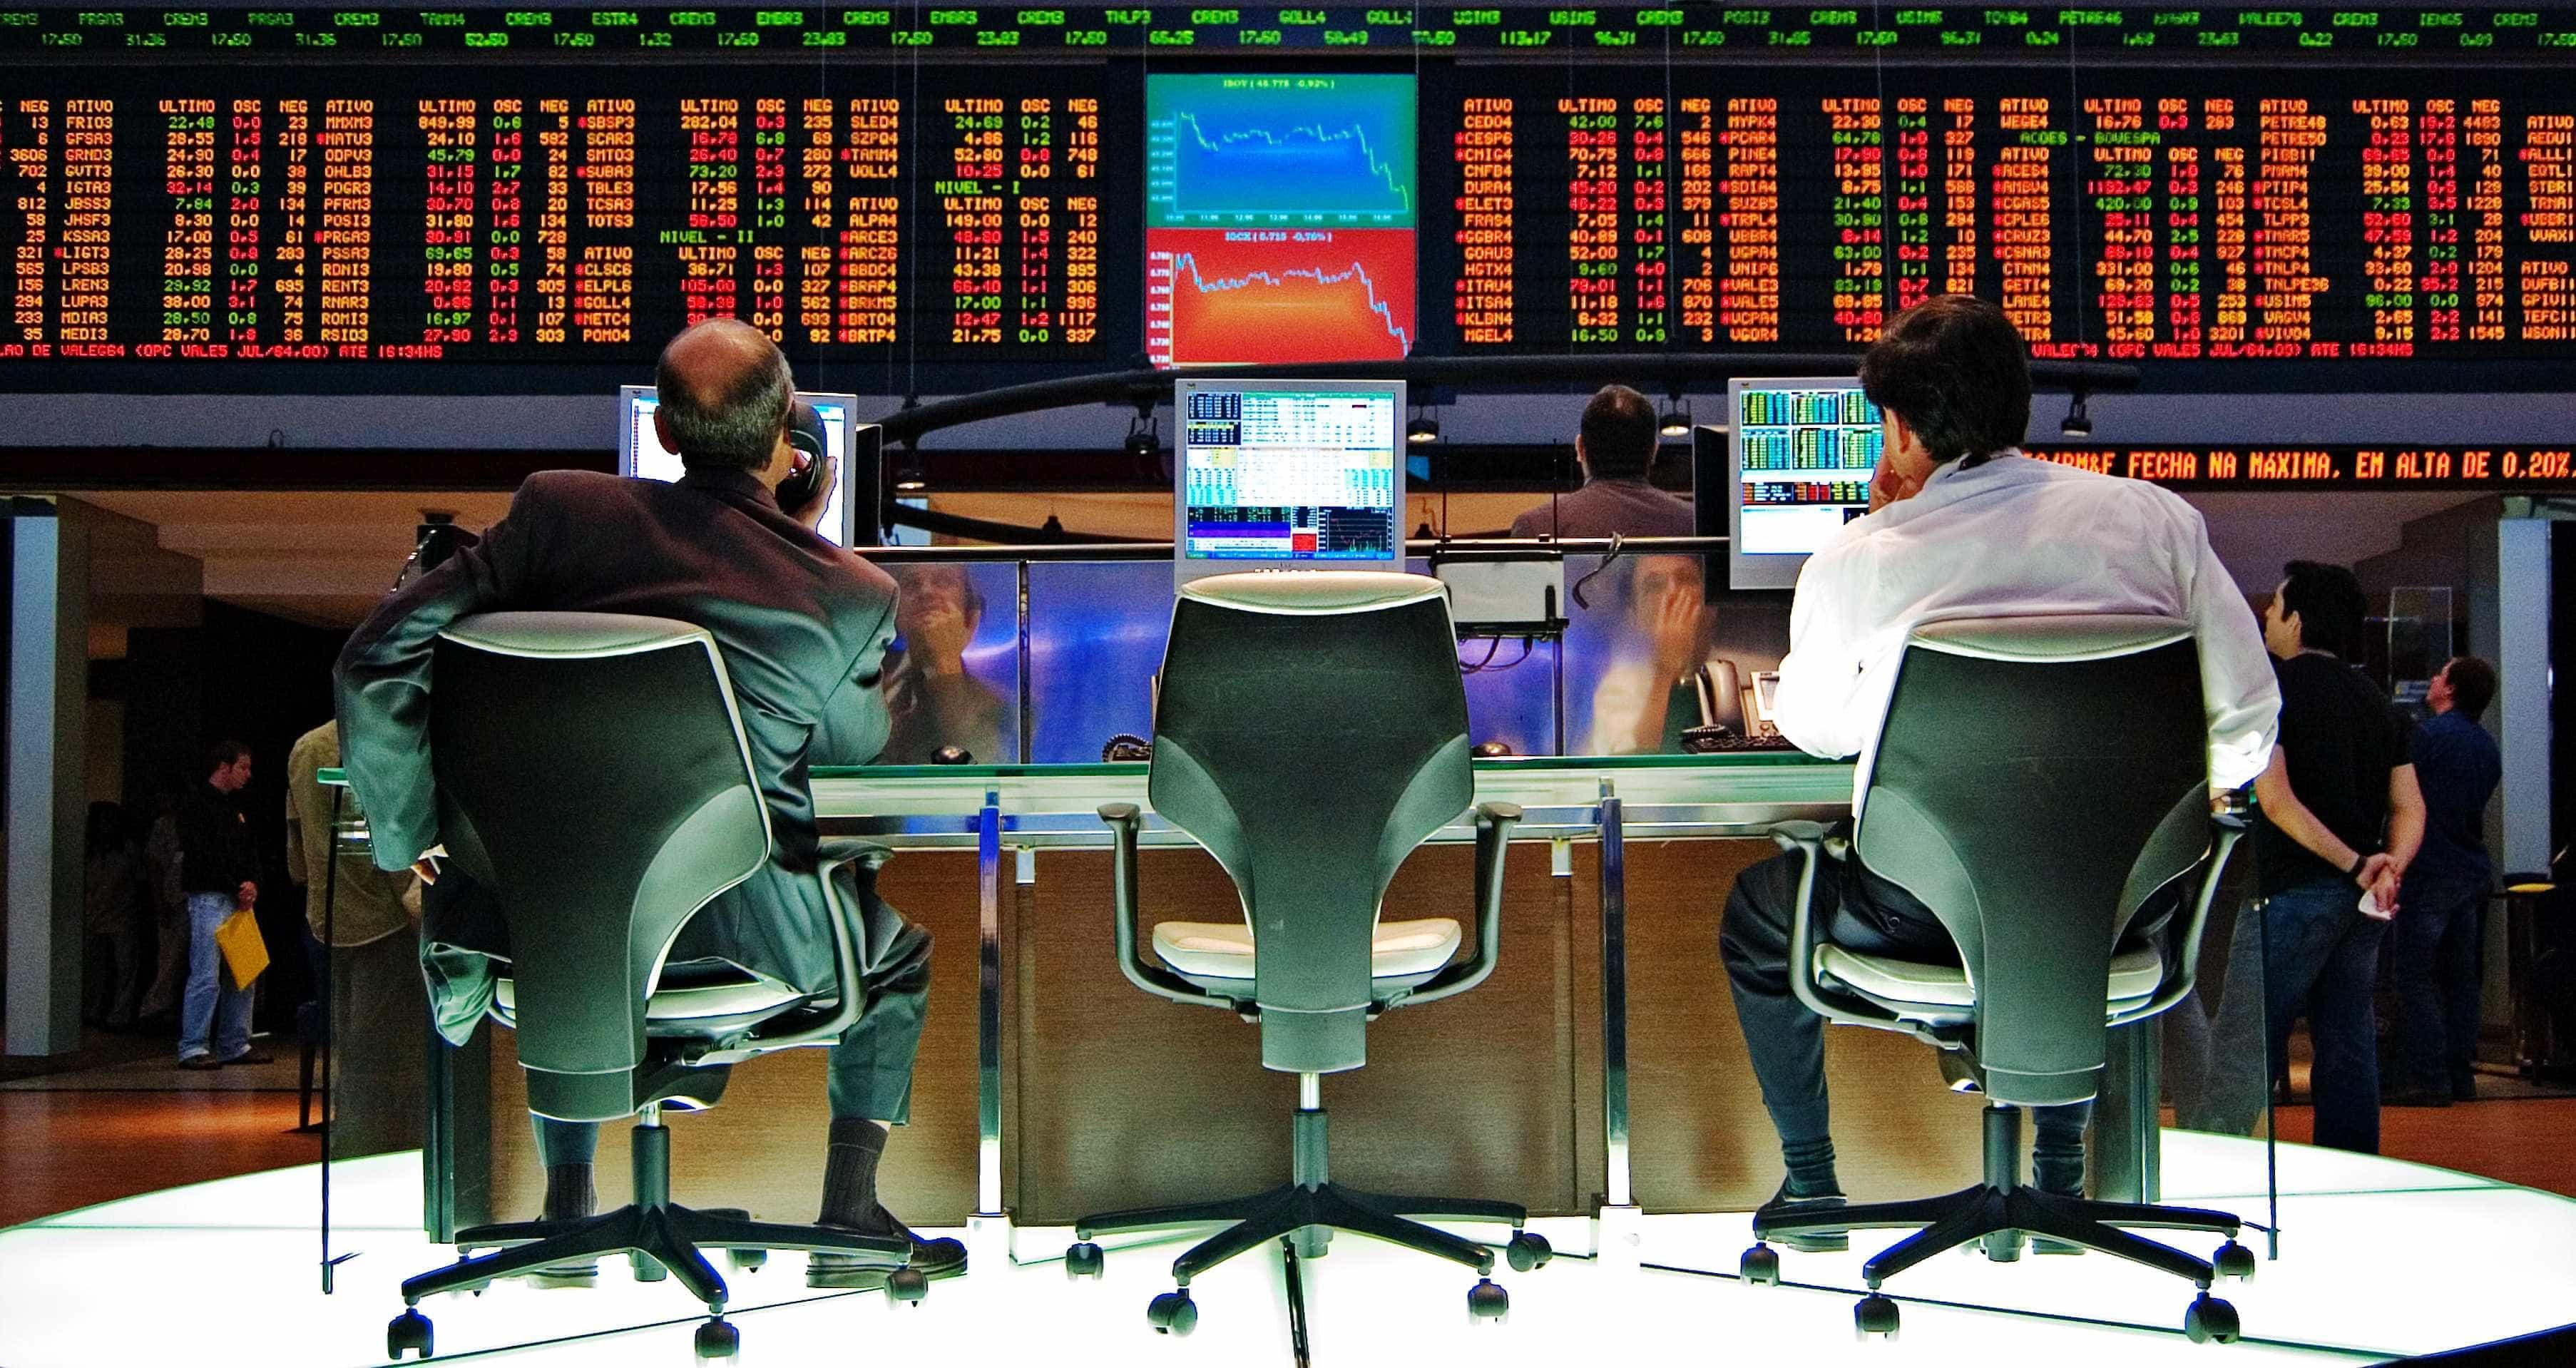 Bolsa cai mais de 5% no Japão refletindo turbulências nos EUA